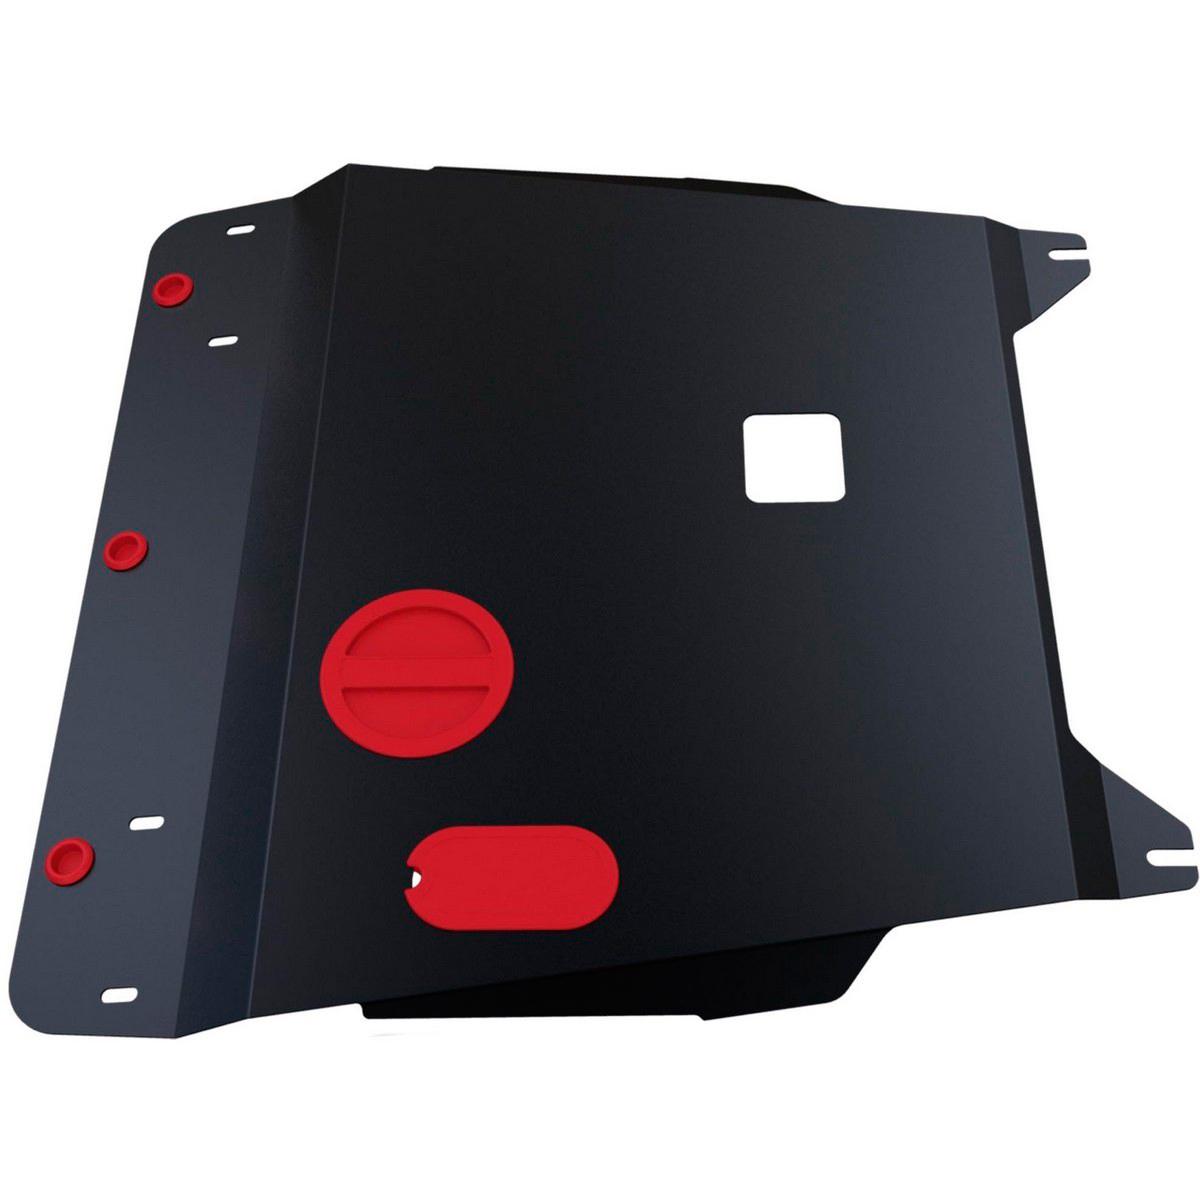 Защита картера и КПП Автоброня Hyundai i20 2009-2011, сталь 2 мм111.02305.1Защита картера и КПП Автоброня Hyundai i20, V - 1,2; 1,4; 1,6 2009-2011, сталь 2 мм, комплект крепежа, 111.02305.1Стальные защиты Автоброня надежно защищают ваш автомобиль от повреждений при наезде на бордюры, выступающие канализационные люки, кромки поврежденного асфальта или при ремонте дорог, не говоря уже о загородных дорогах. - Имеют оптимальное соотношение цена-качество. - Спроектированы с учетом особенностей автомобиля, что делает установку удобной. - Защита устанавливается в штатные места кузова автомобиля. - Является надежной защитой для важных элементов на протяжении долгих лет. - Глубокий штамп дополнительно усиливает конструкцию защиты. - Подштамповка в местах крепления защищает крепеж от срезания. - Технологические отверстия там, где они необходимы для смены масла и слива воды, оборудованные заглушками, закрепленными на защите. Толщина стали 2 мм. В комплекте крепеж и инструкция по установке.Уважаемые клиенты! Обращаем ваше внимание на тот факт, что защита имеет форму, соответствующую модели данного автомобиля. Наличие глубокого штампа и лючков для смены фильтров/масла предусмотрено не на всех защитах. Фото служит для визуального восприятия товара.